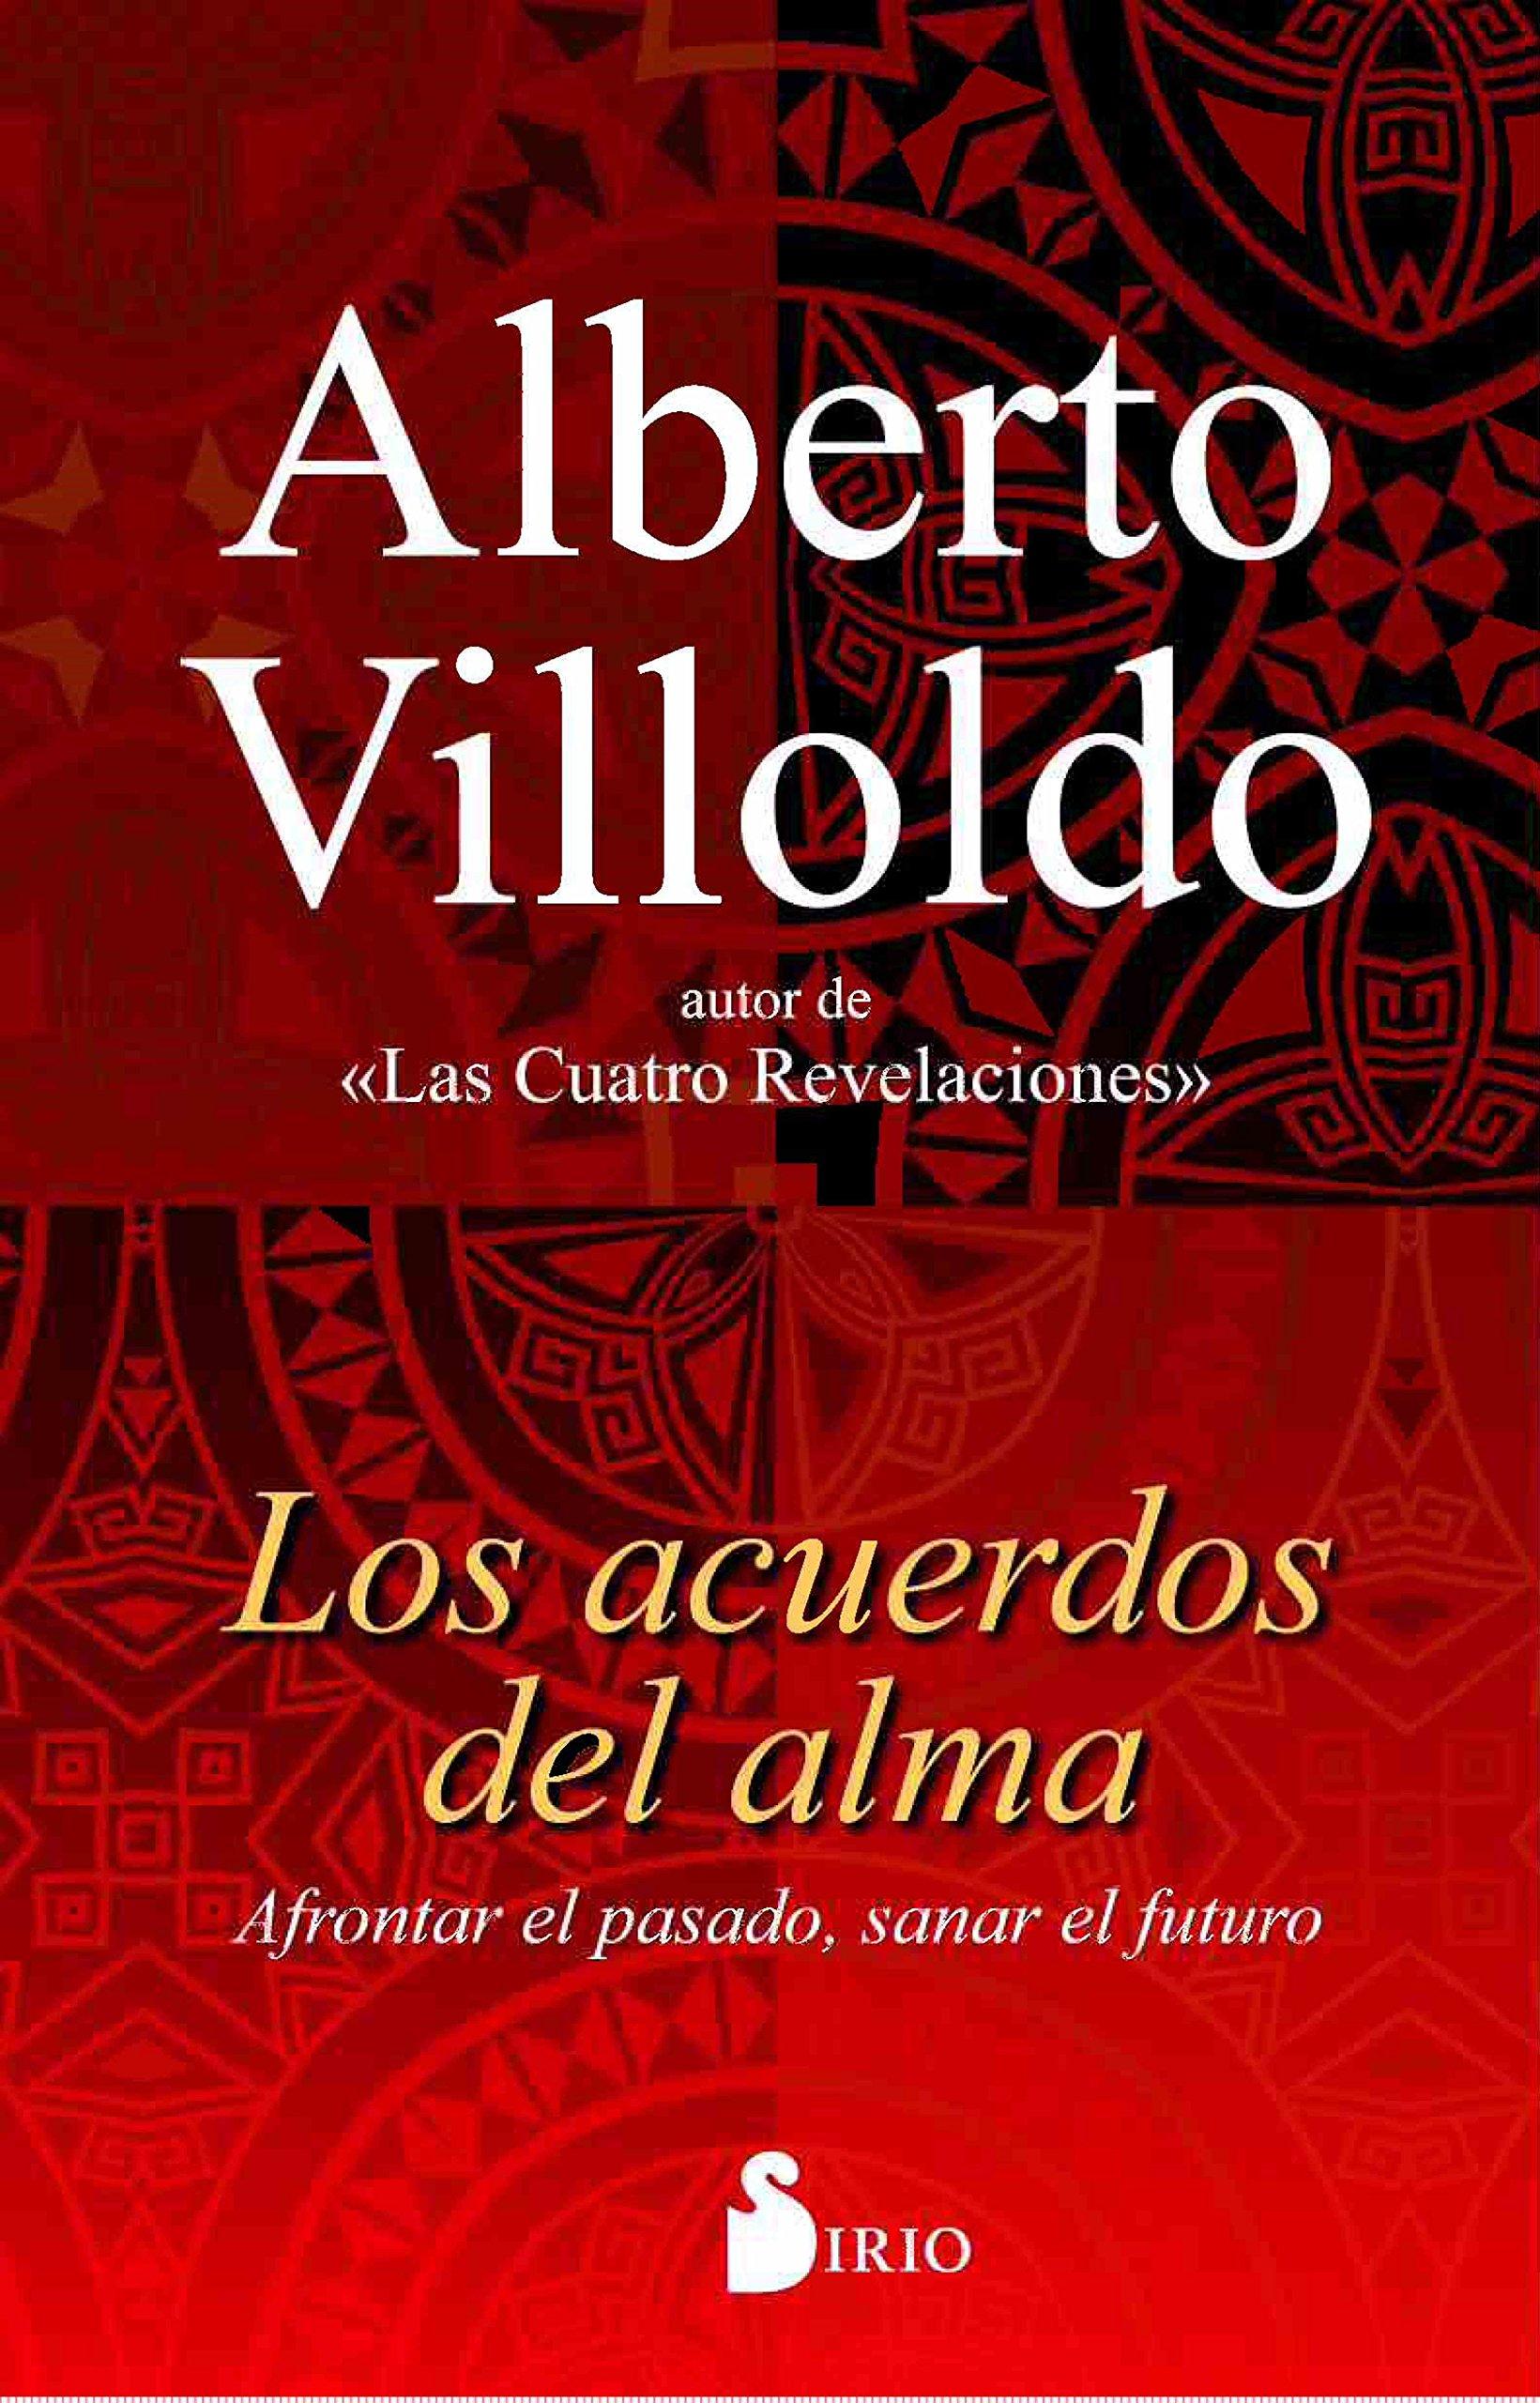 LOS ACUERDOS DEL ALMA: Amazon.es: ALBERTO VILLOLDO (ARGENTINO), ANTONIO LUIS GOMEZ MOLERO: Libros